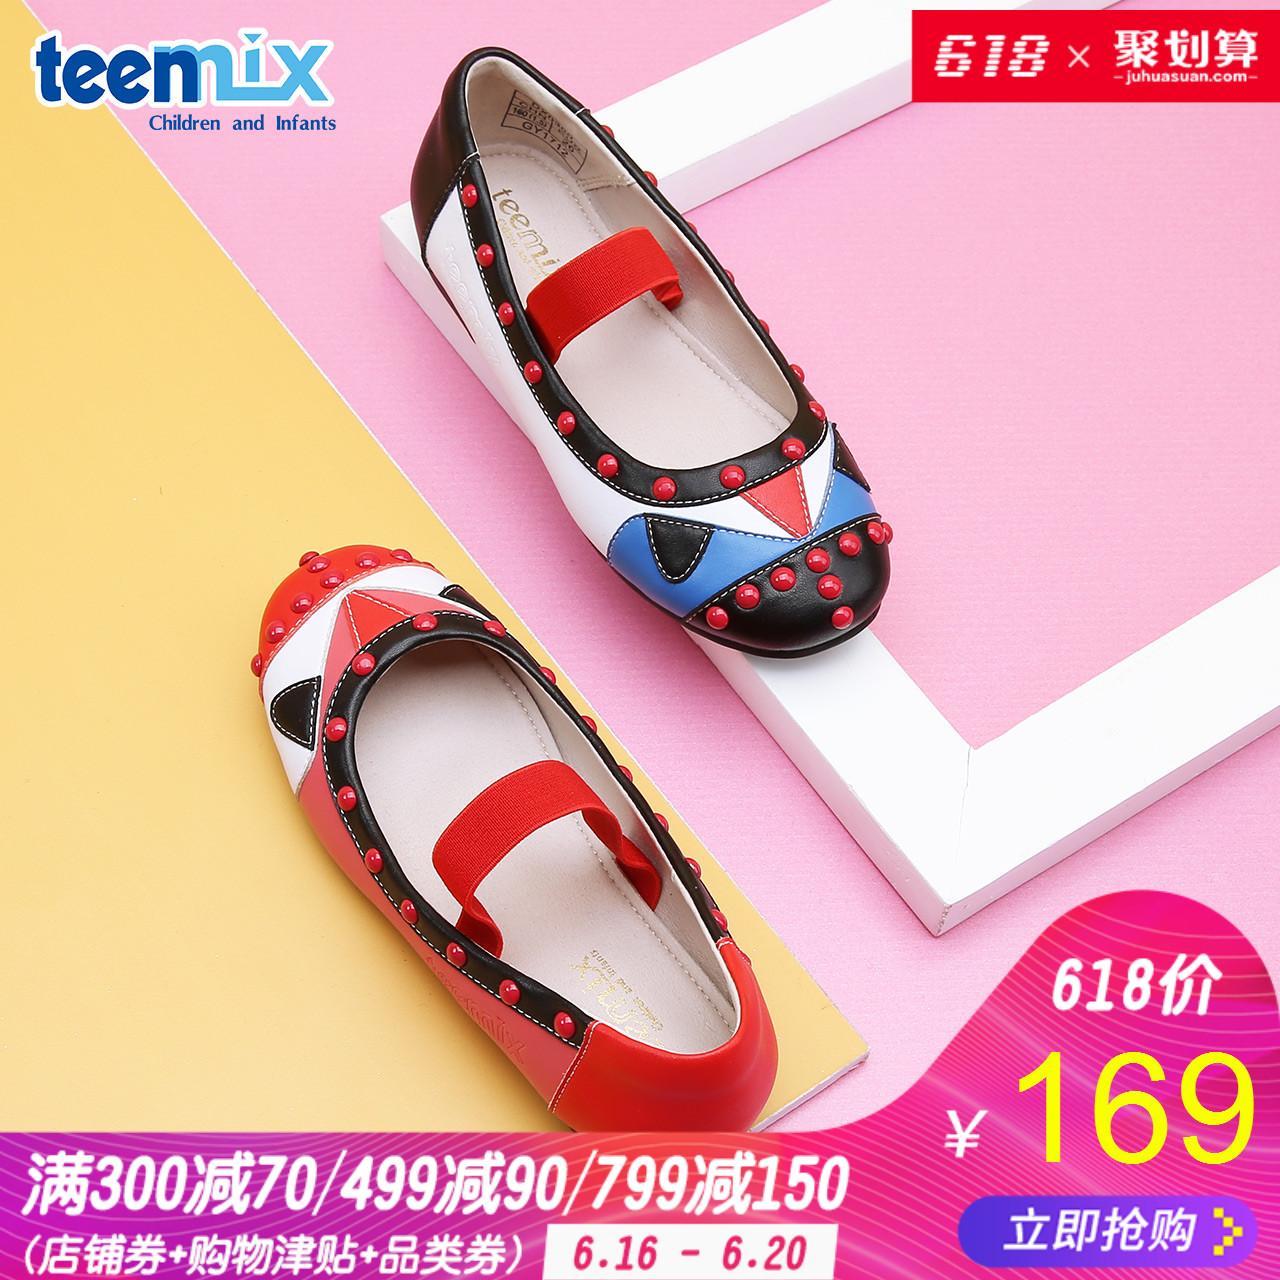 Teenmix/天美意童鞋18春新品女童公主鞋中小童休闲鞋舞蹈鞋DX0300